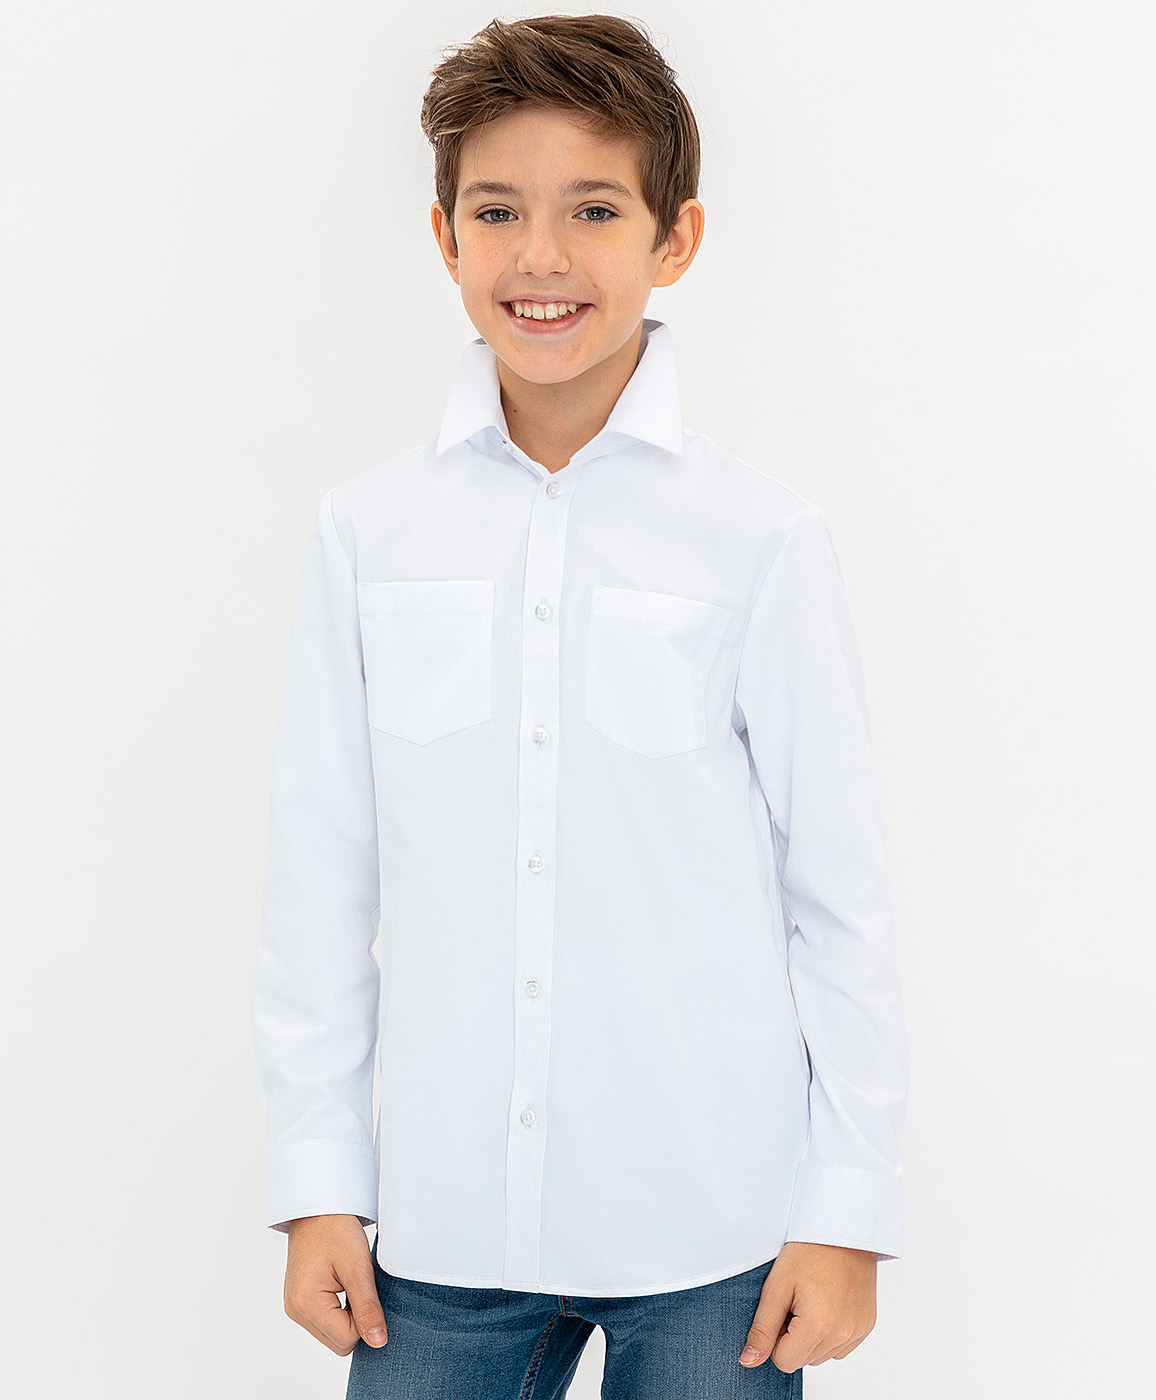 Купить 120BBBP23030200, Белая нарядная рубашка Button Blue, белый, 104, Мужской, ВЕСНА/ЛЕТО 2020 (shop: GulliverMarket Gulliver Market)